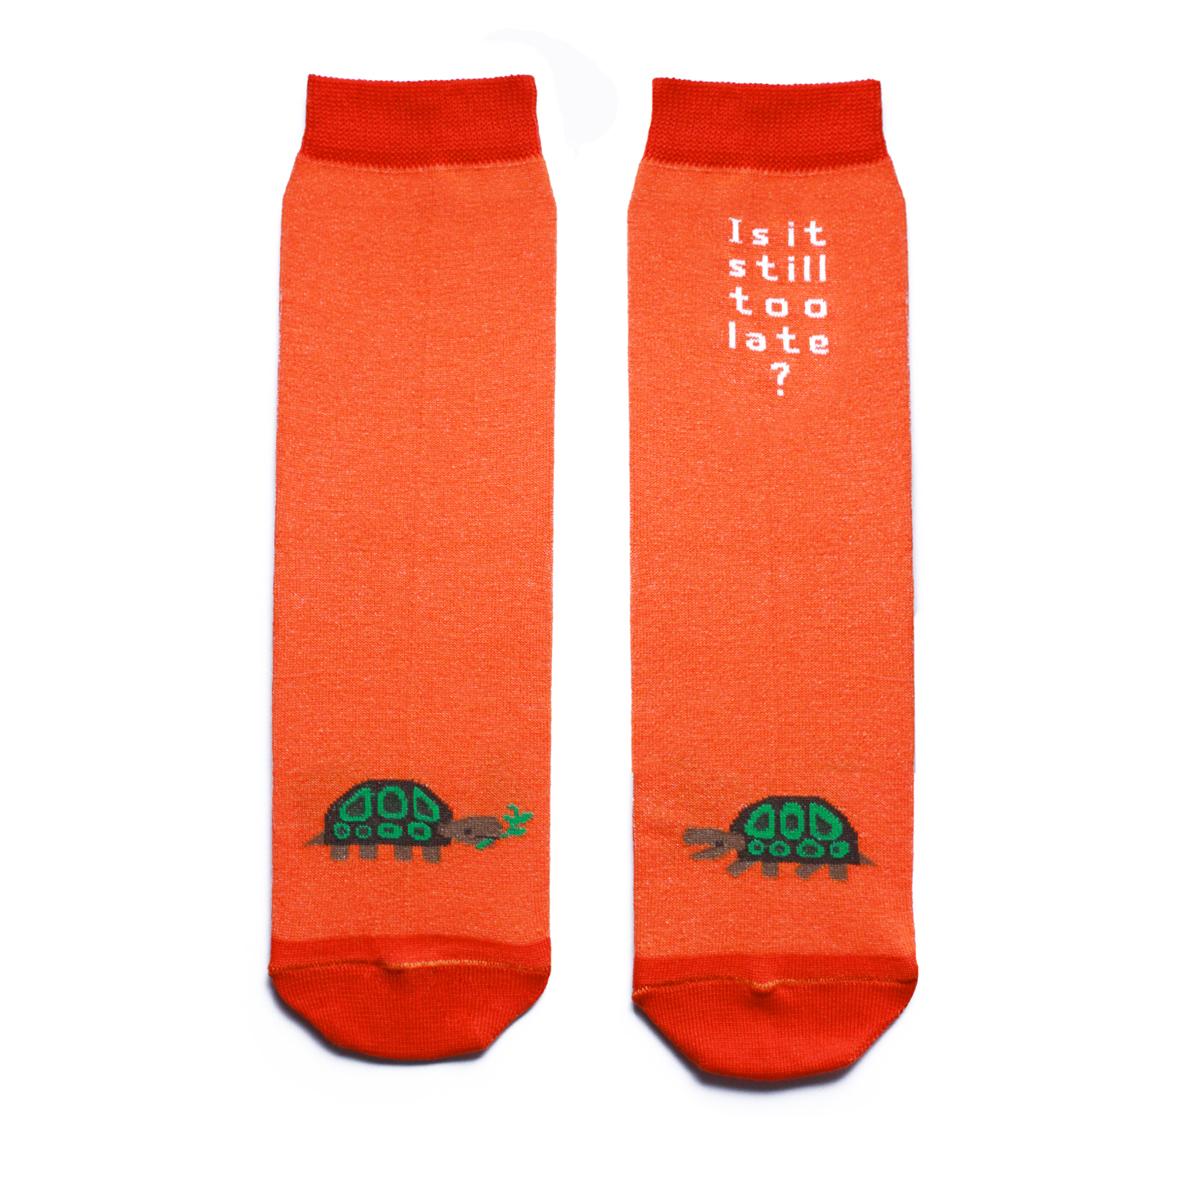 ca1521Яркие женские носки Big Bang Socks изготовлены из высококачественного хлопка с добавлением полиамидных и эластановых волокон, которые обеспечивают великолепную посадку. Носки отличаются ярким стильным дизайном, они оформлены изображением черепахи и надписью: Is it still too late?. Удобная резинка идеально облегает ногу и не пережимает сосуды, усиленные пятка и мысок повышают износоустойчивость носка, а удлиненный паголенок придает более эстетичный вид. Дизайнерские носки Big Bang Socks - яркая деталь в вашем образе и оригинальный подарок для друзей и близких.